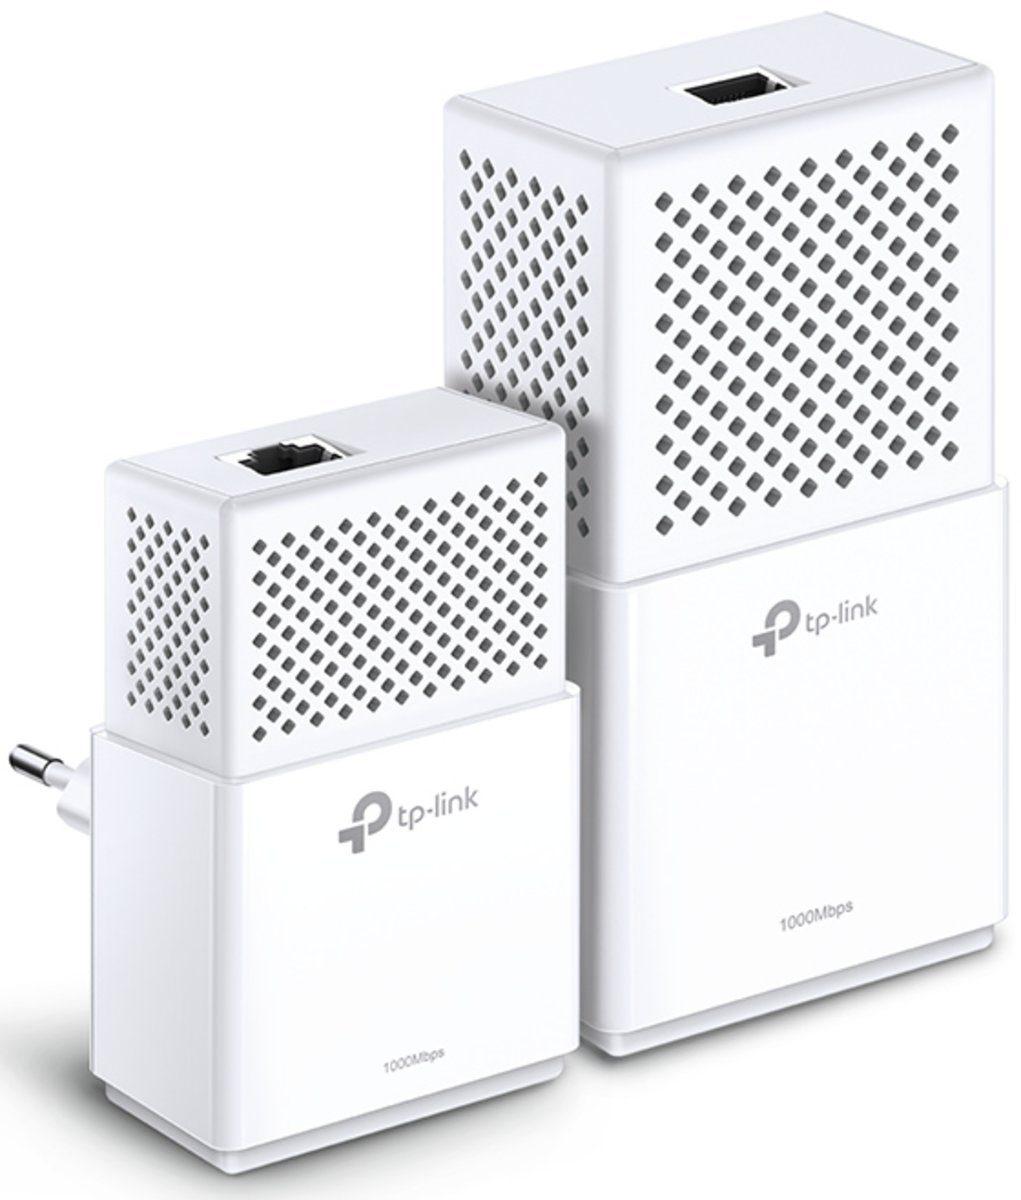 TP-Link Powerline »TL-WPA7510 KIT AV1000 WLAN AC (1 x LAN)«